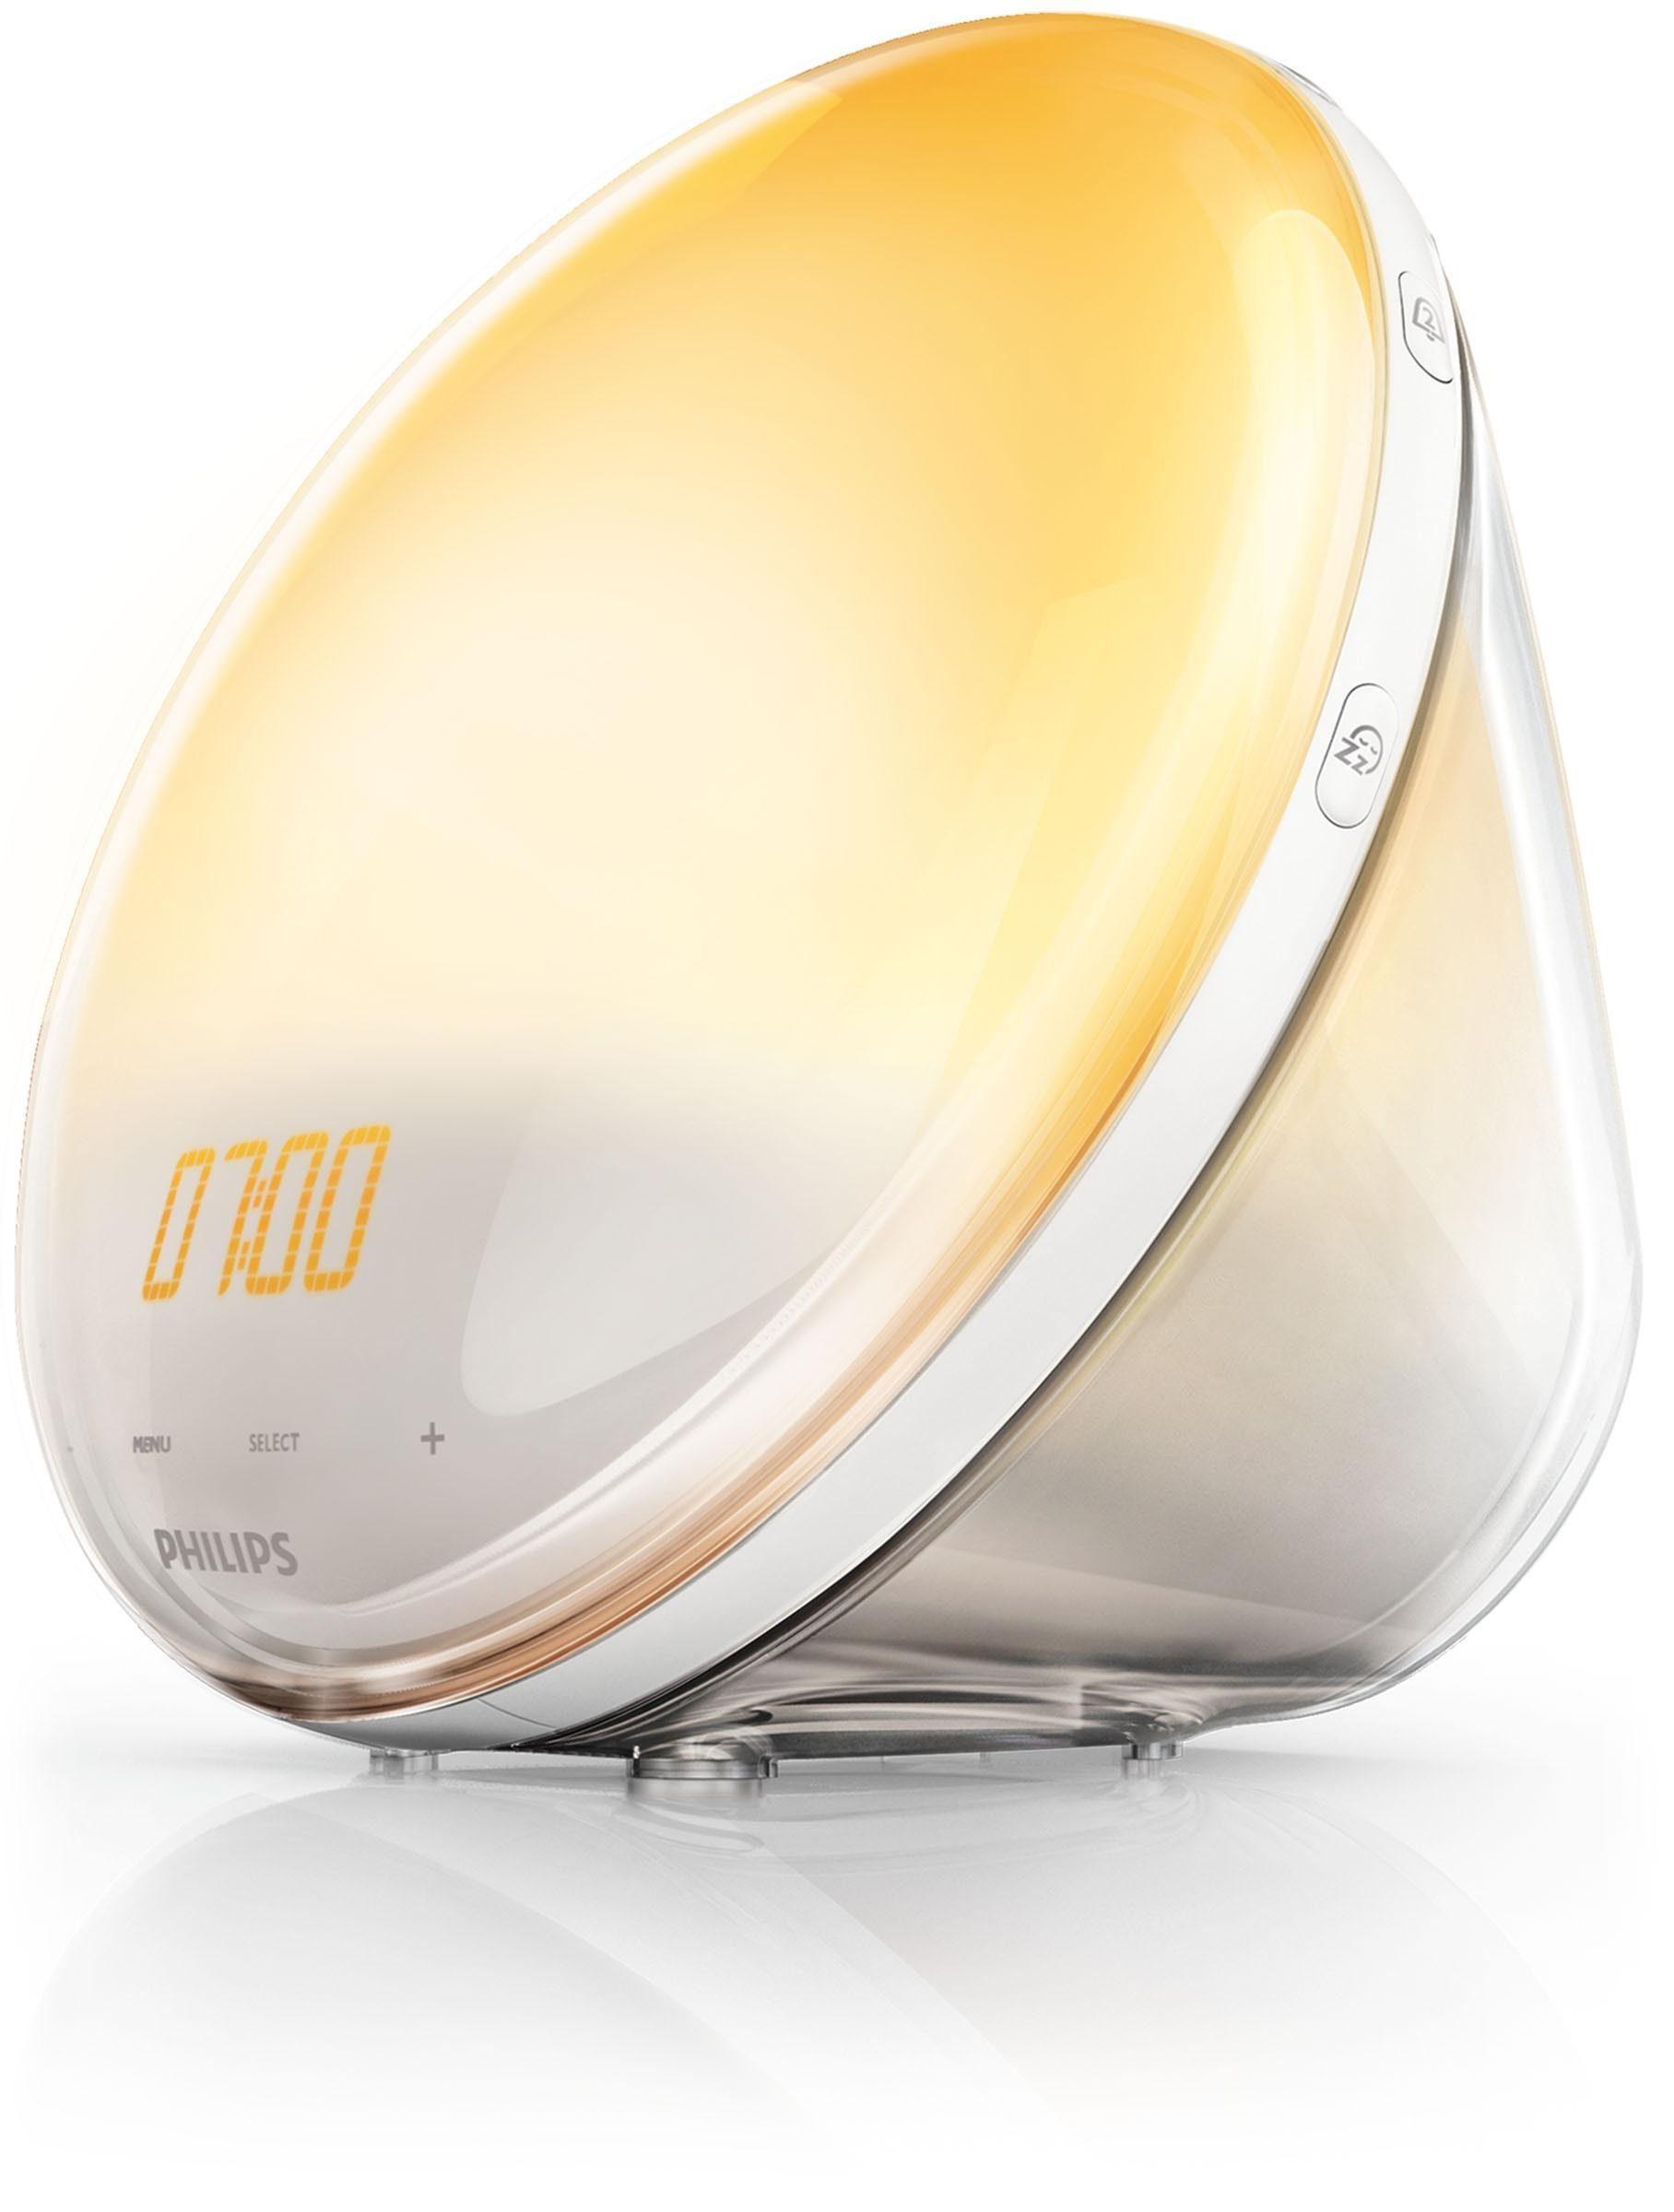 Philips Wake Up Light HF3531/01, für noch natürlicheres Aufwachen